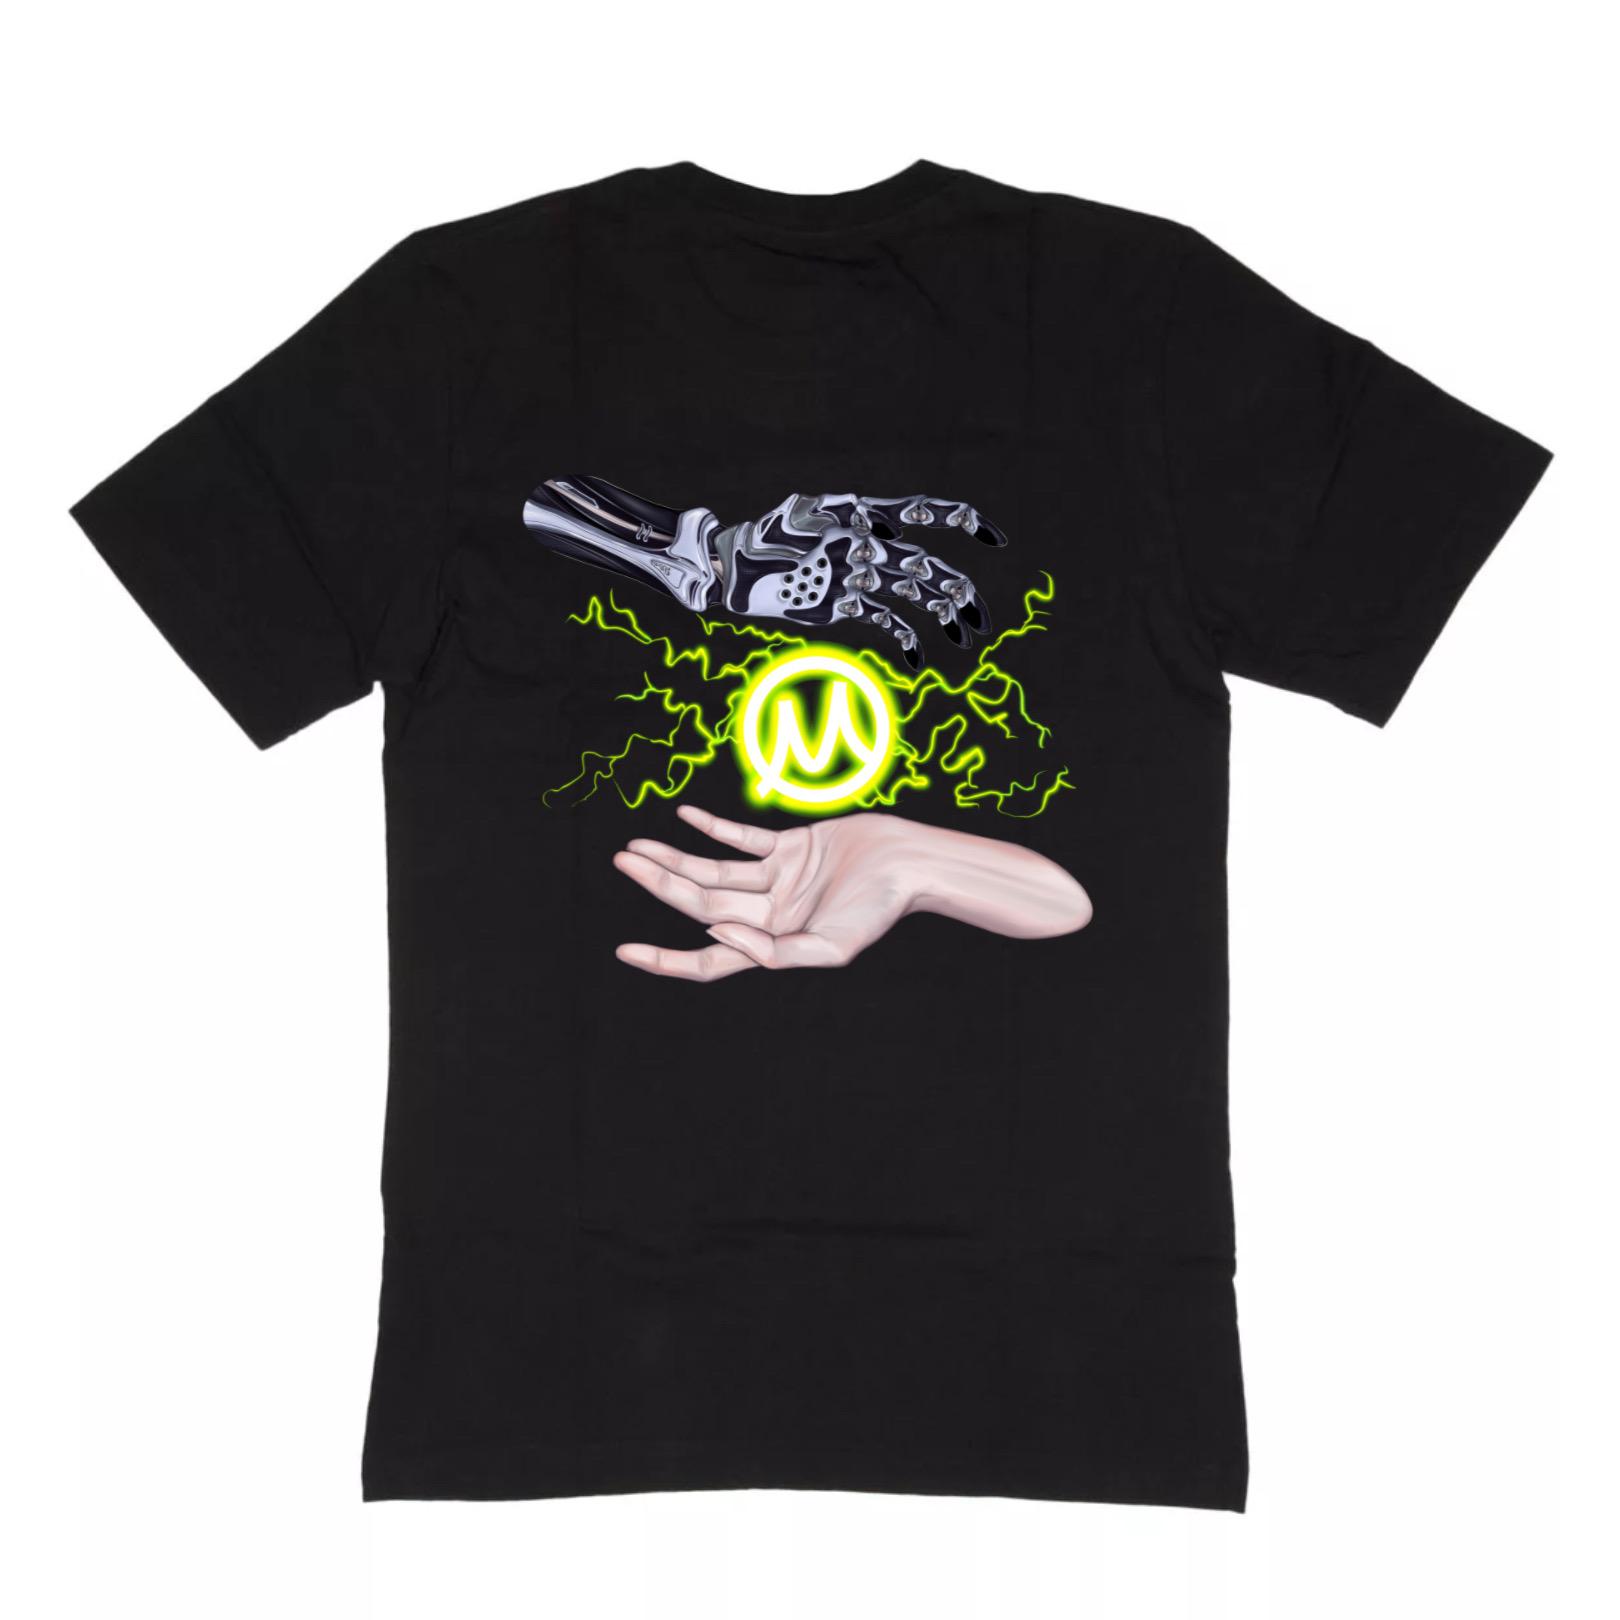 Нарисовать принты на футболки для компании Моторика фото f_480609d6ab5021de.jpg